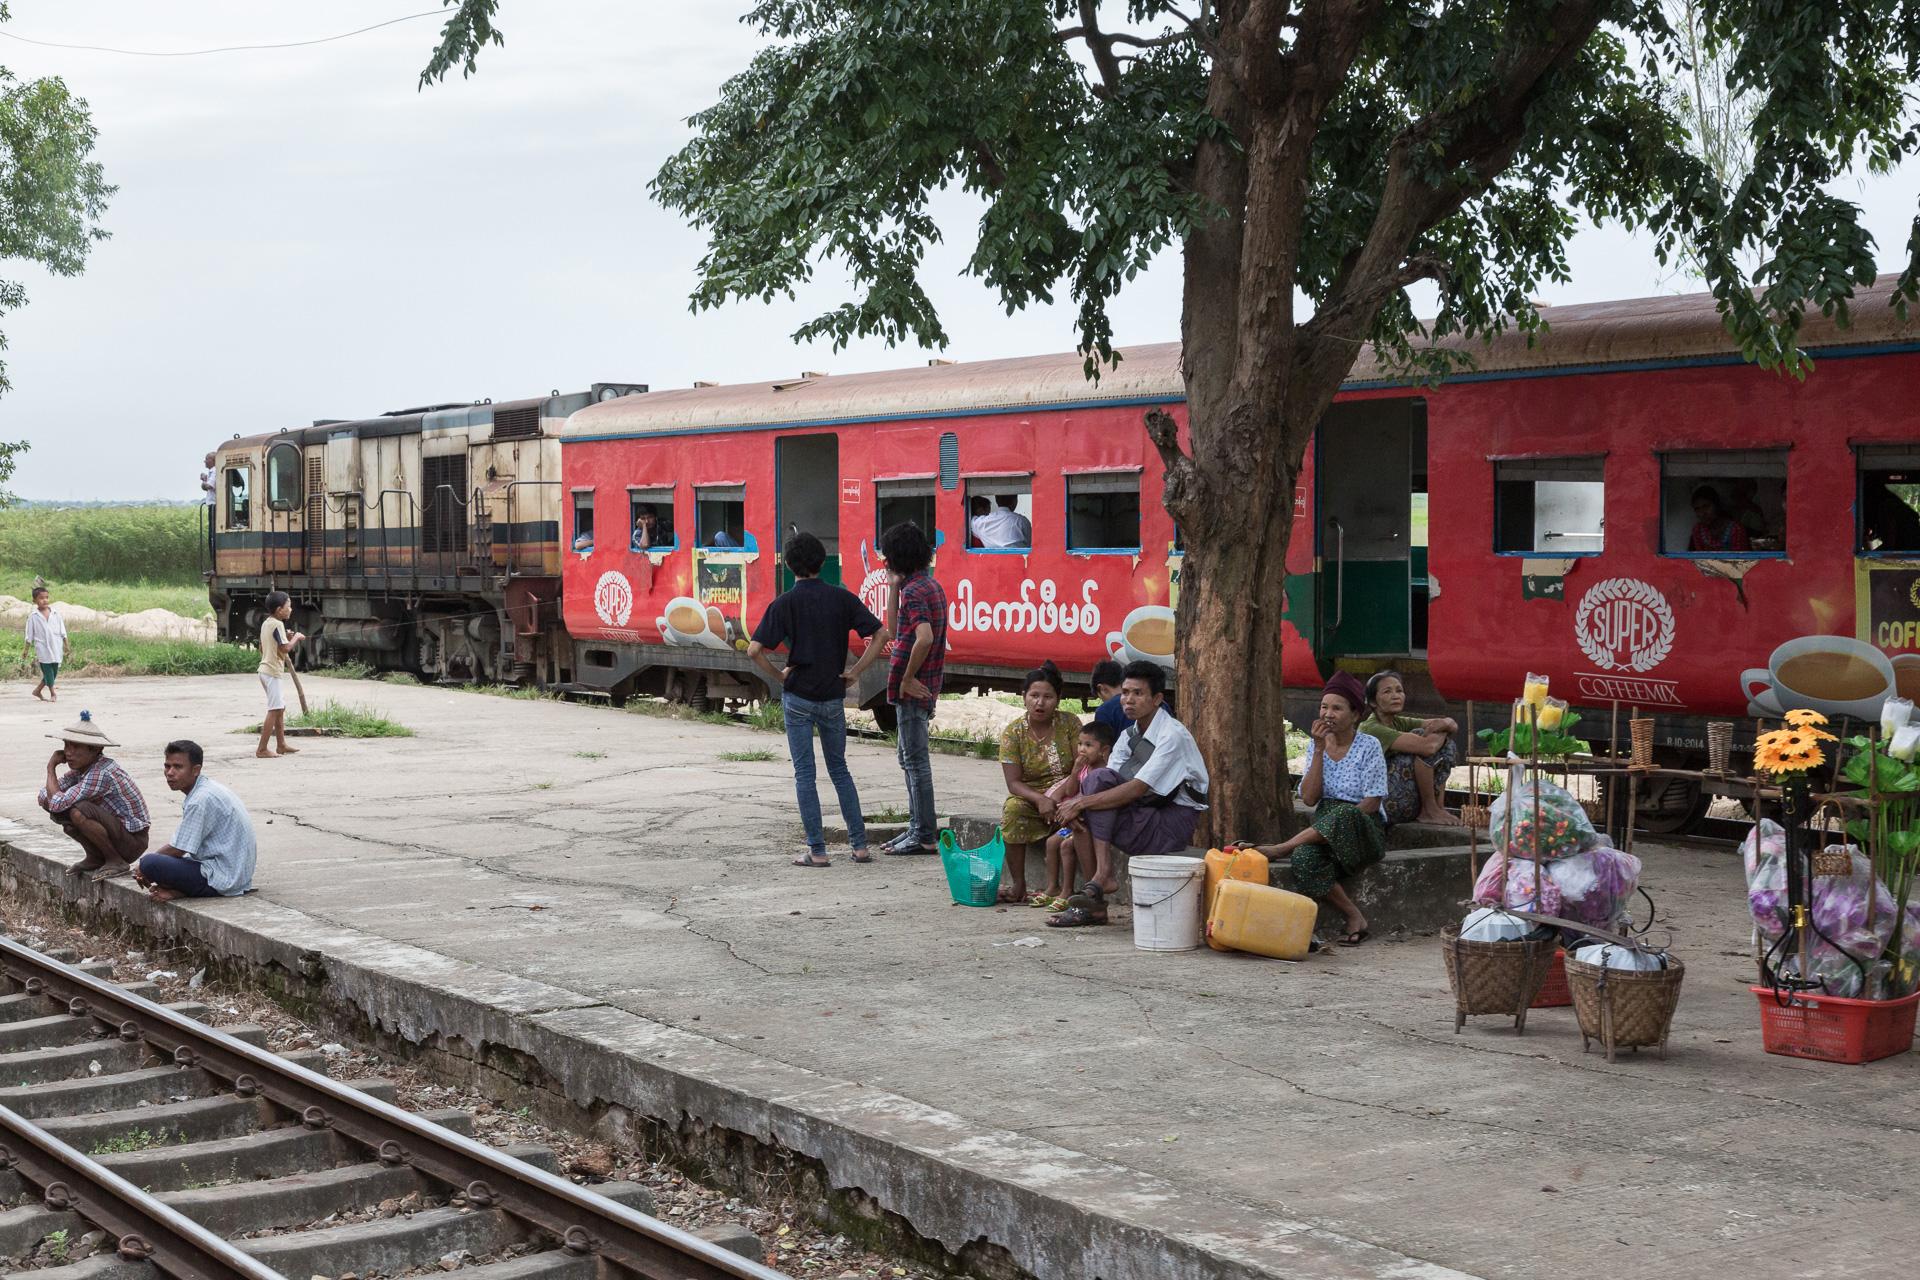 myanmar-reportage-wisckow-010.jpg